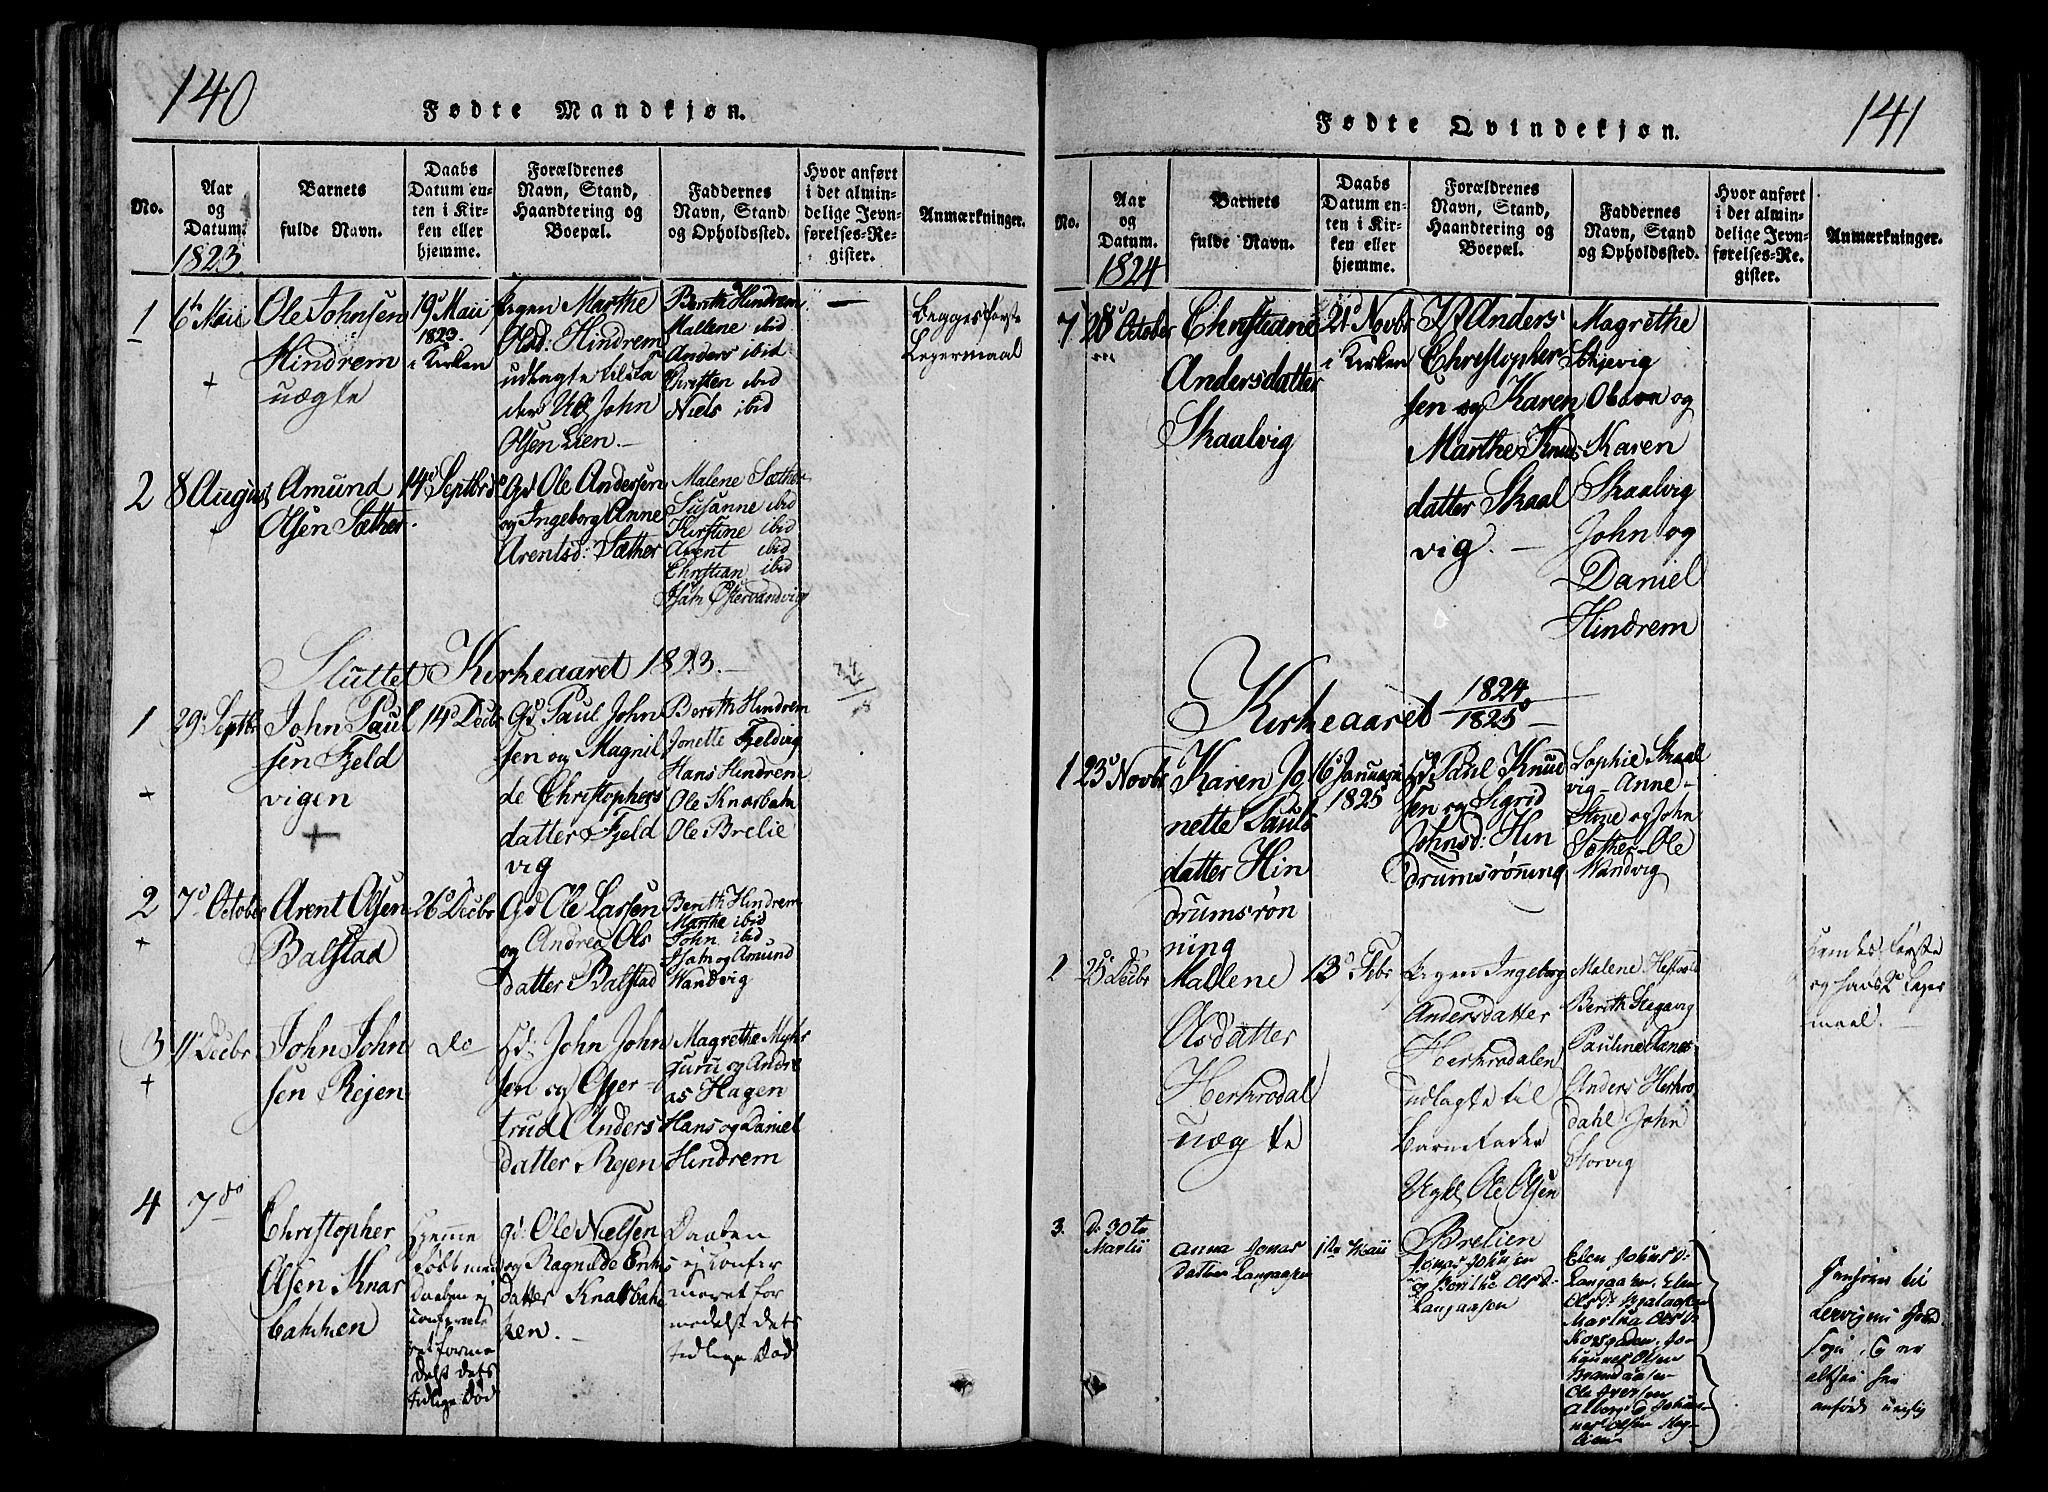 SAT, Ministerialprotokoller, klokkerbøker og fødselsregistre - Nord-Trøndelag, 701/L0005: Ministerialbok nr. 701A05 /2, 1816-1825, s. 140-141